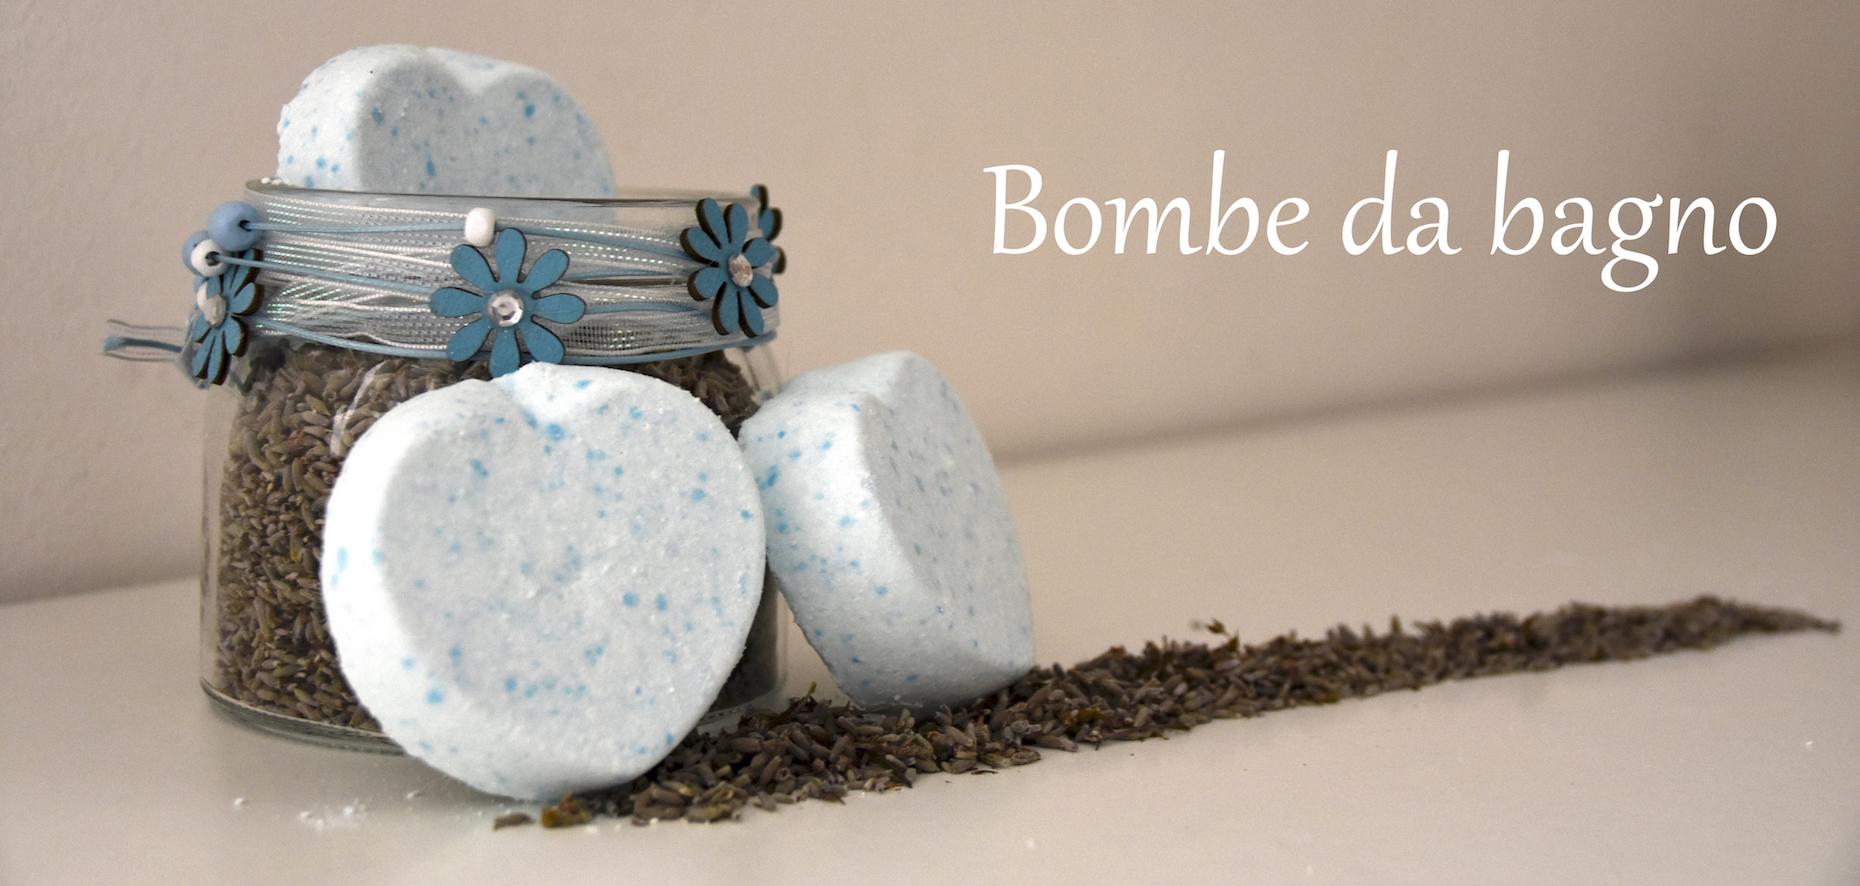 Bombe da bagno front bolle di sapone - Lush bombe da bagno ...